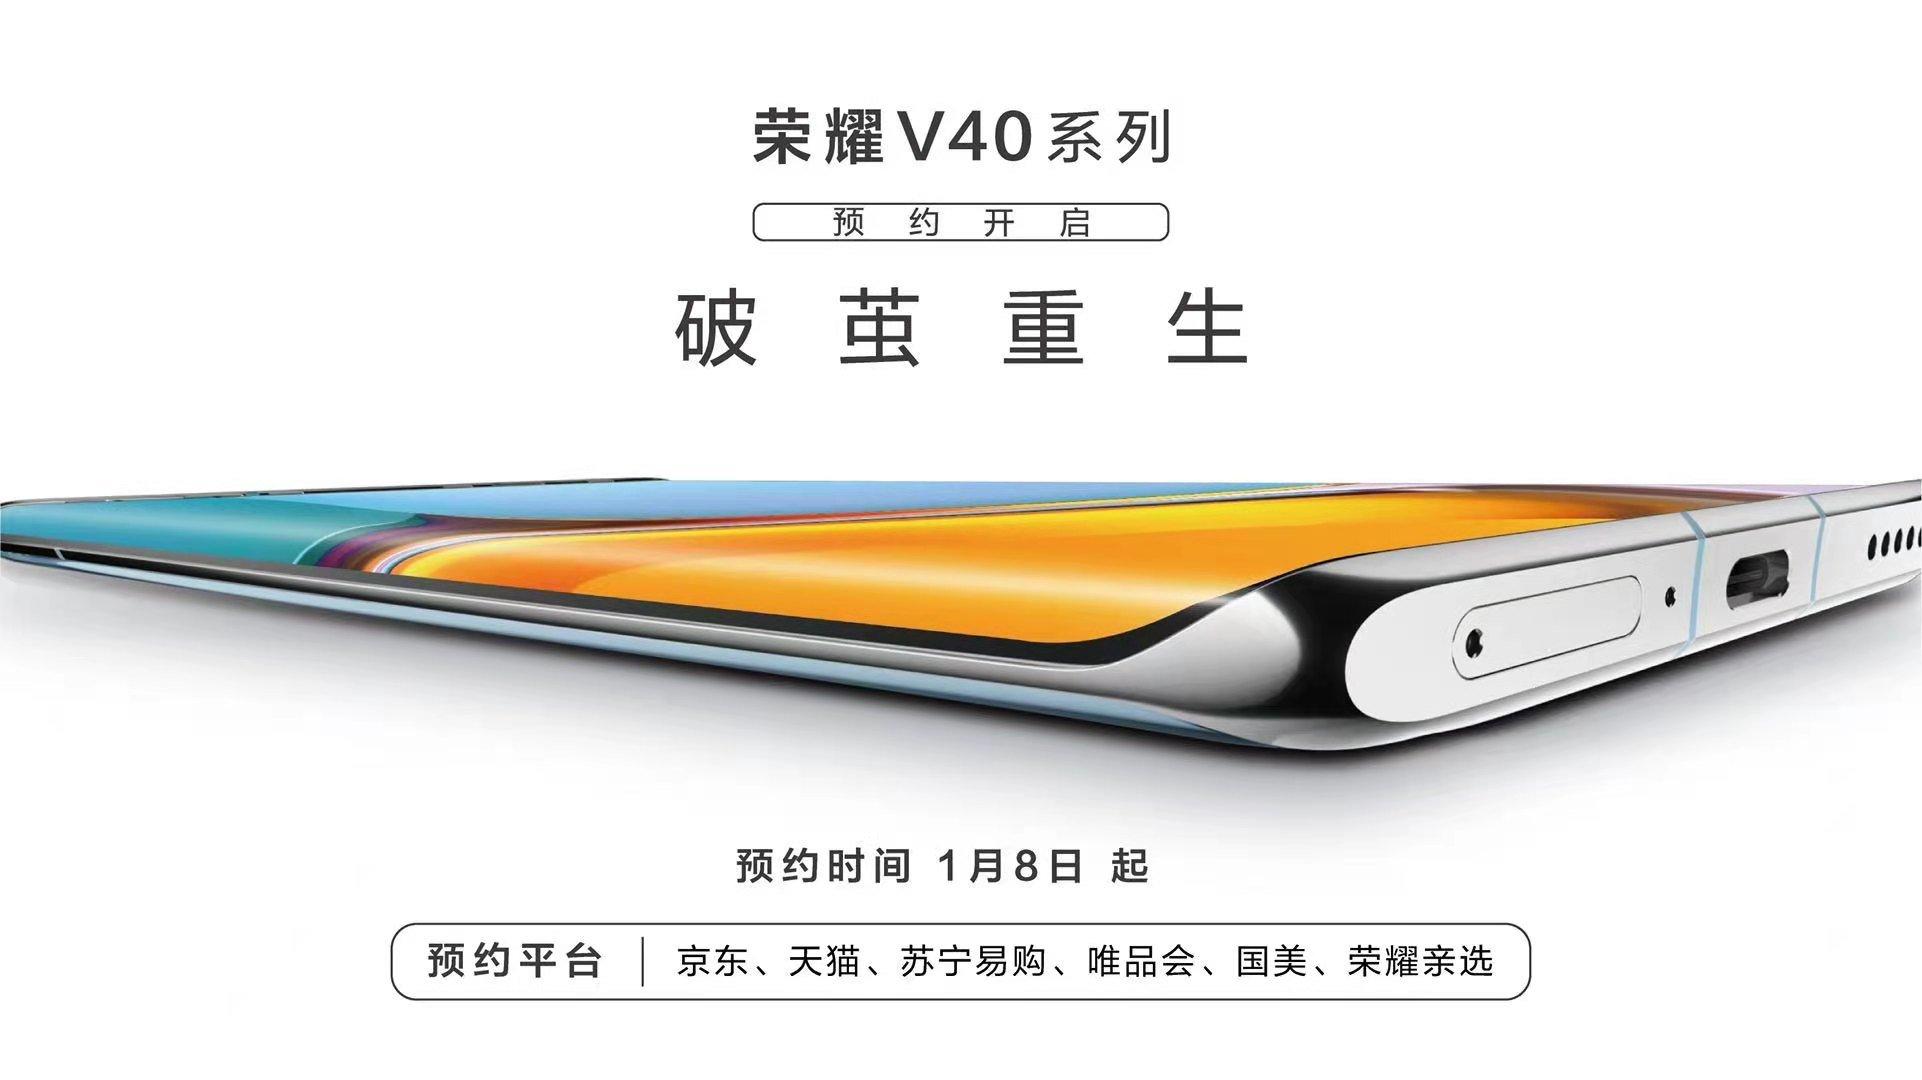 荣耀商城泄密:V40系列要来了 五款新品齐发